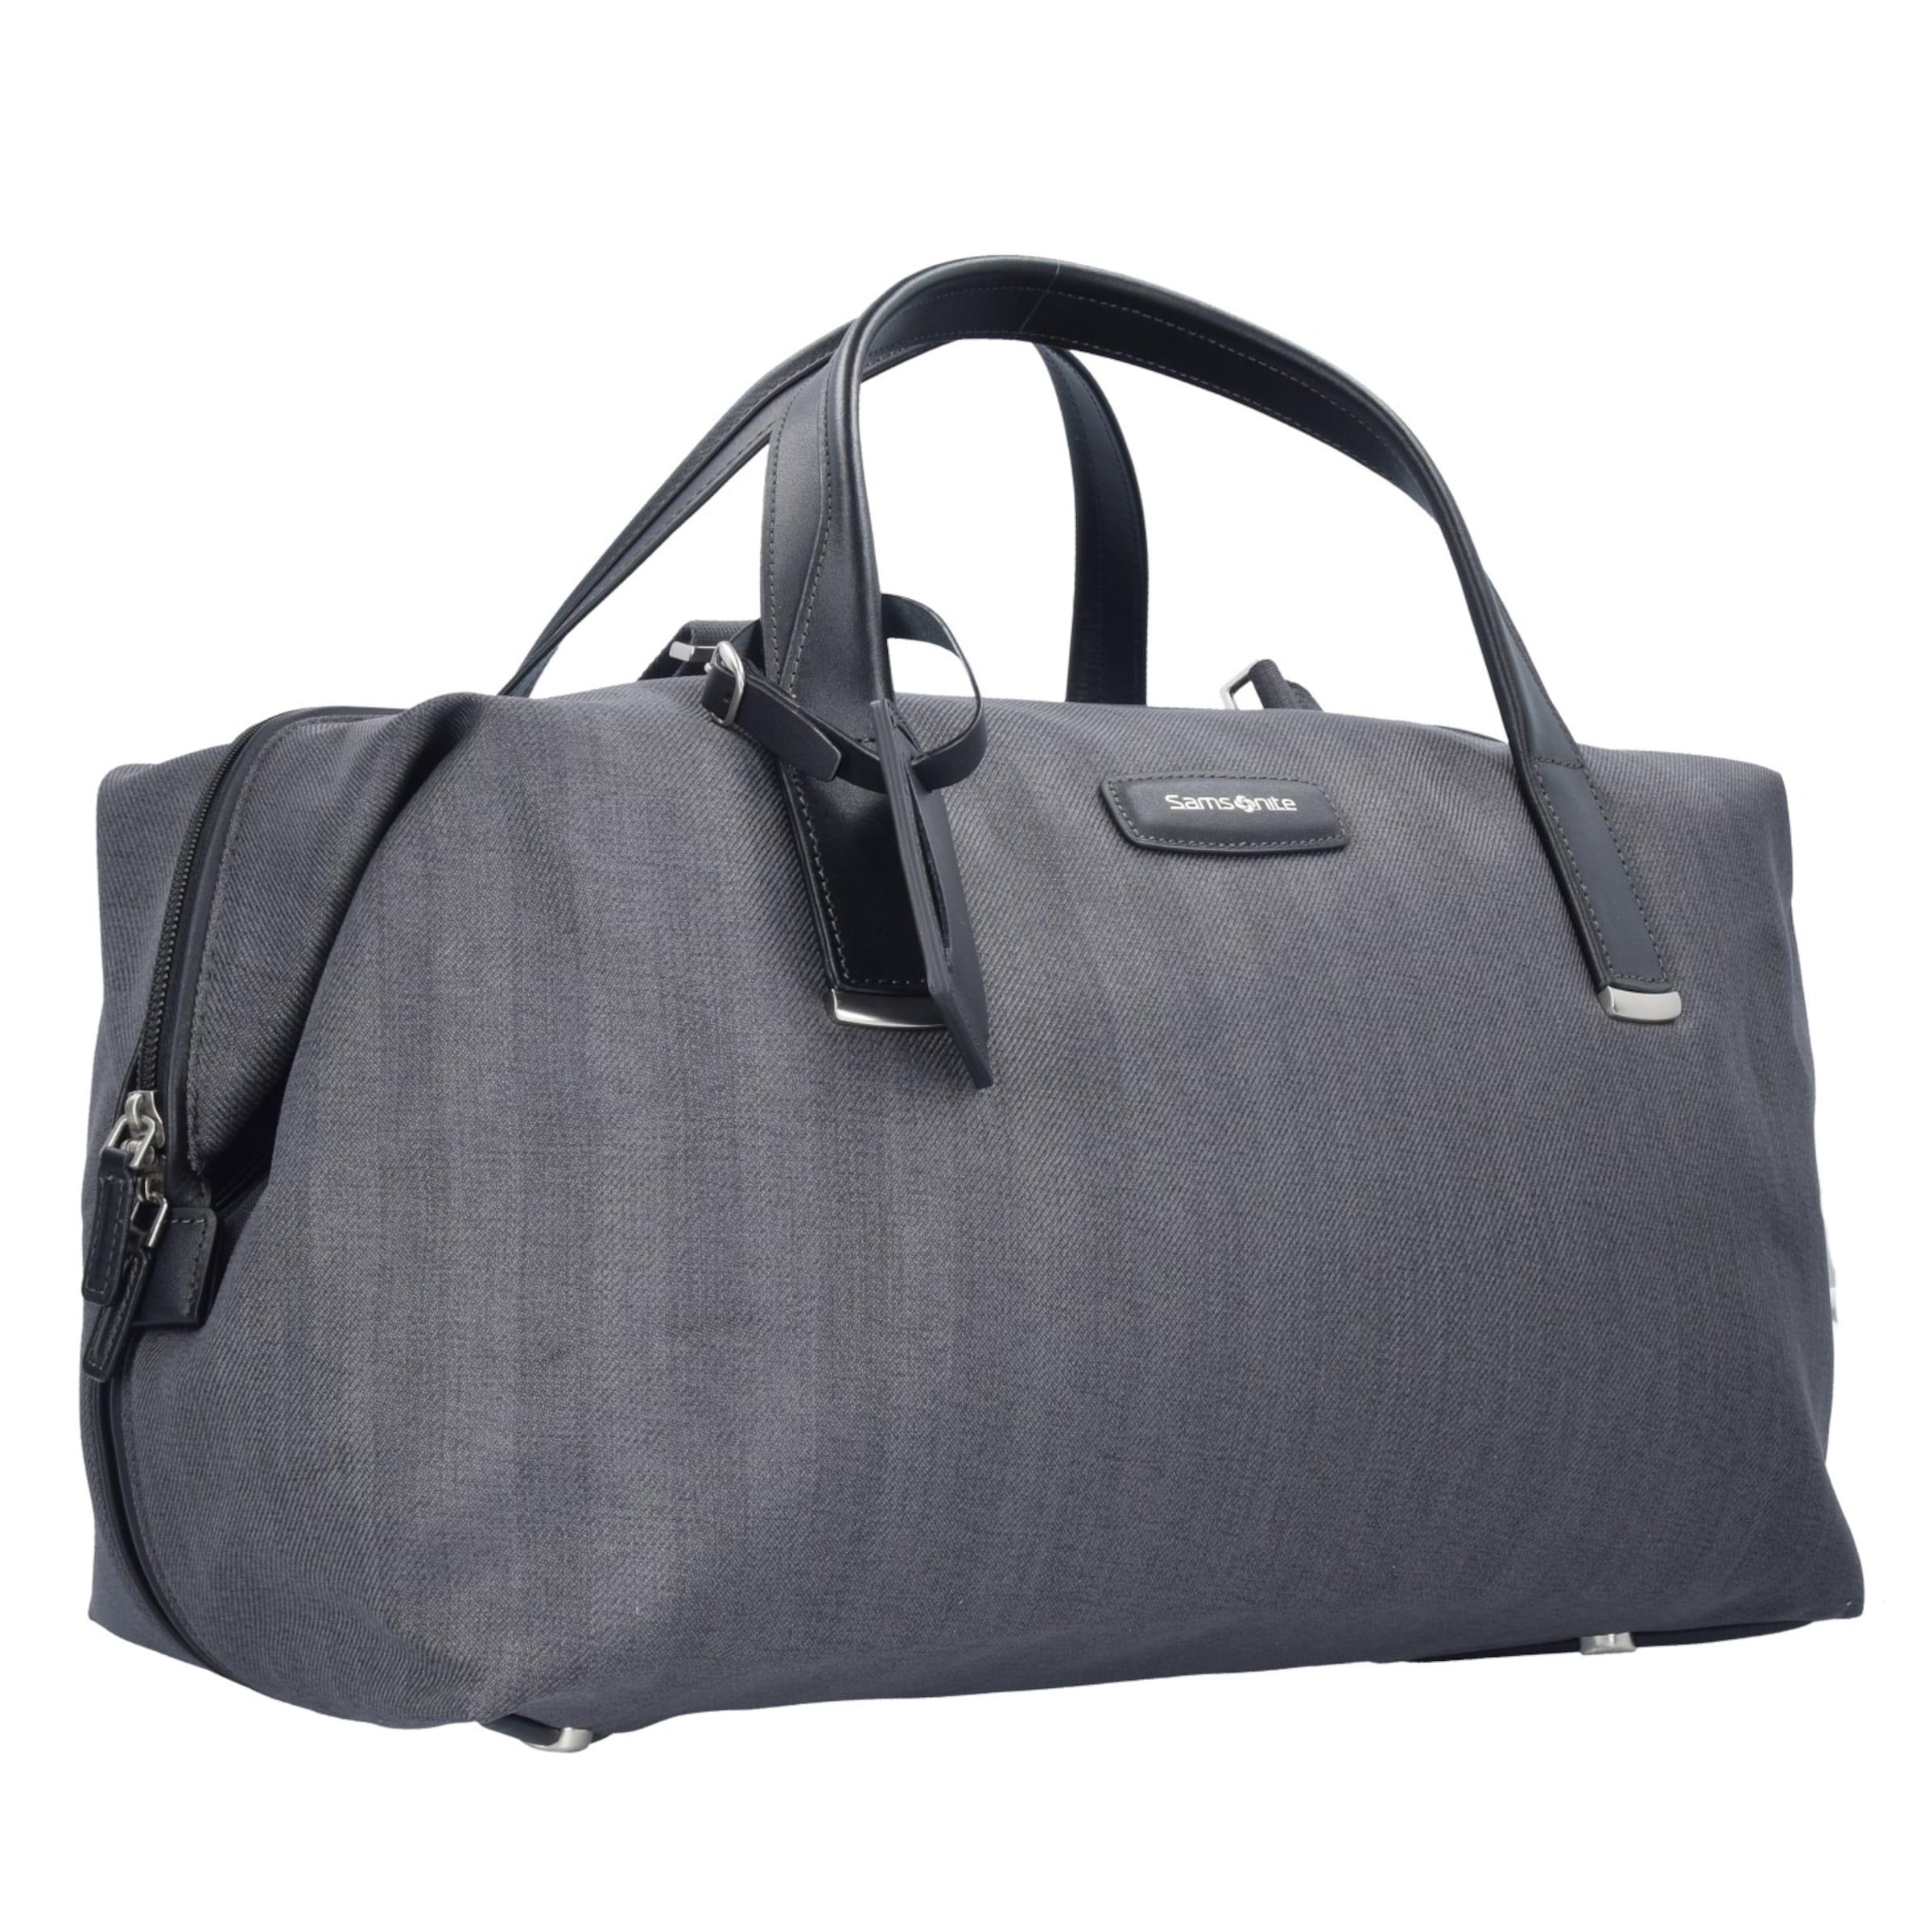 SAMSONITE Lite DLX Weekender Reisetasche 46 cm Rabatt Ebay Rabatt Bilder Bestes Geschäft Zu Bekommen Günstigen Preis Bester Großhandel JMaNcXjaJ